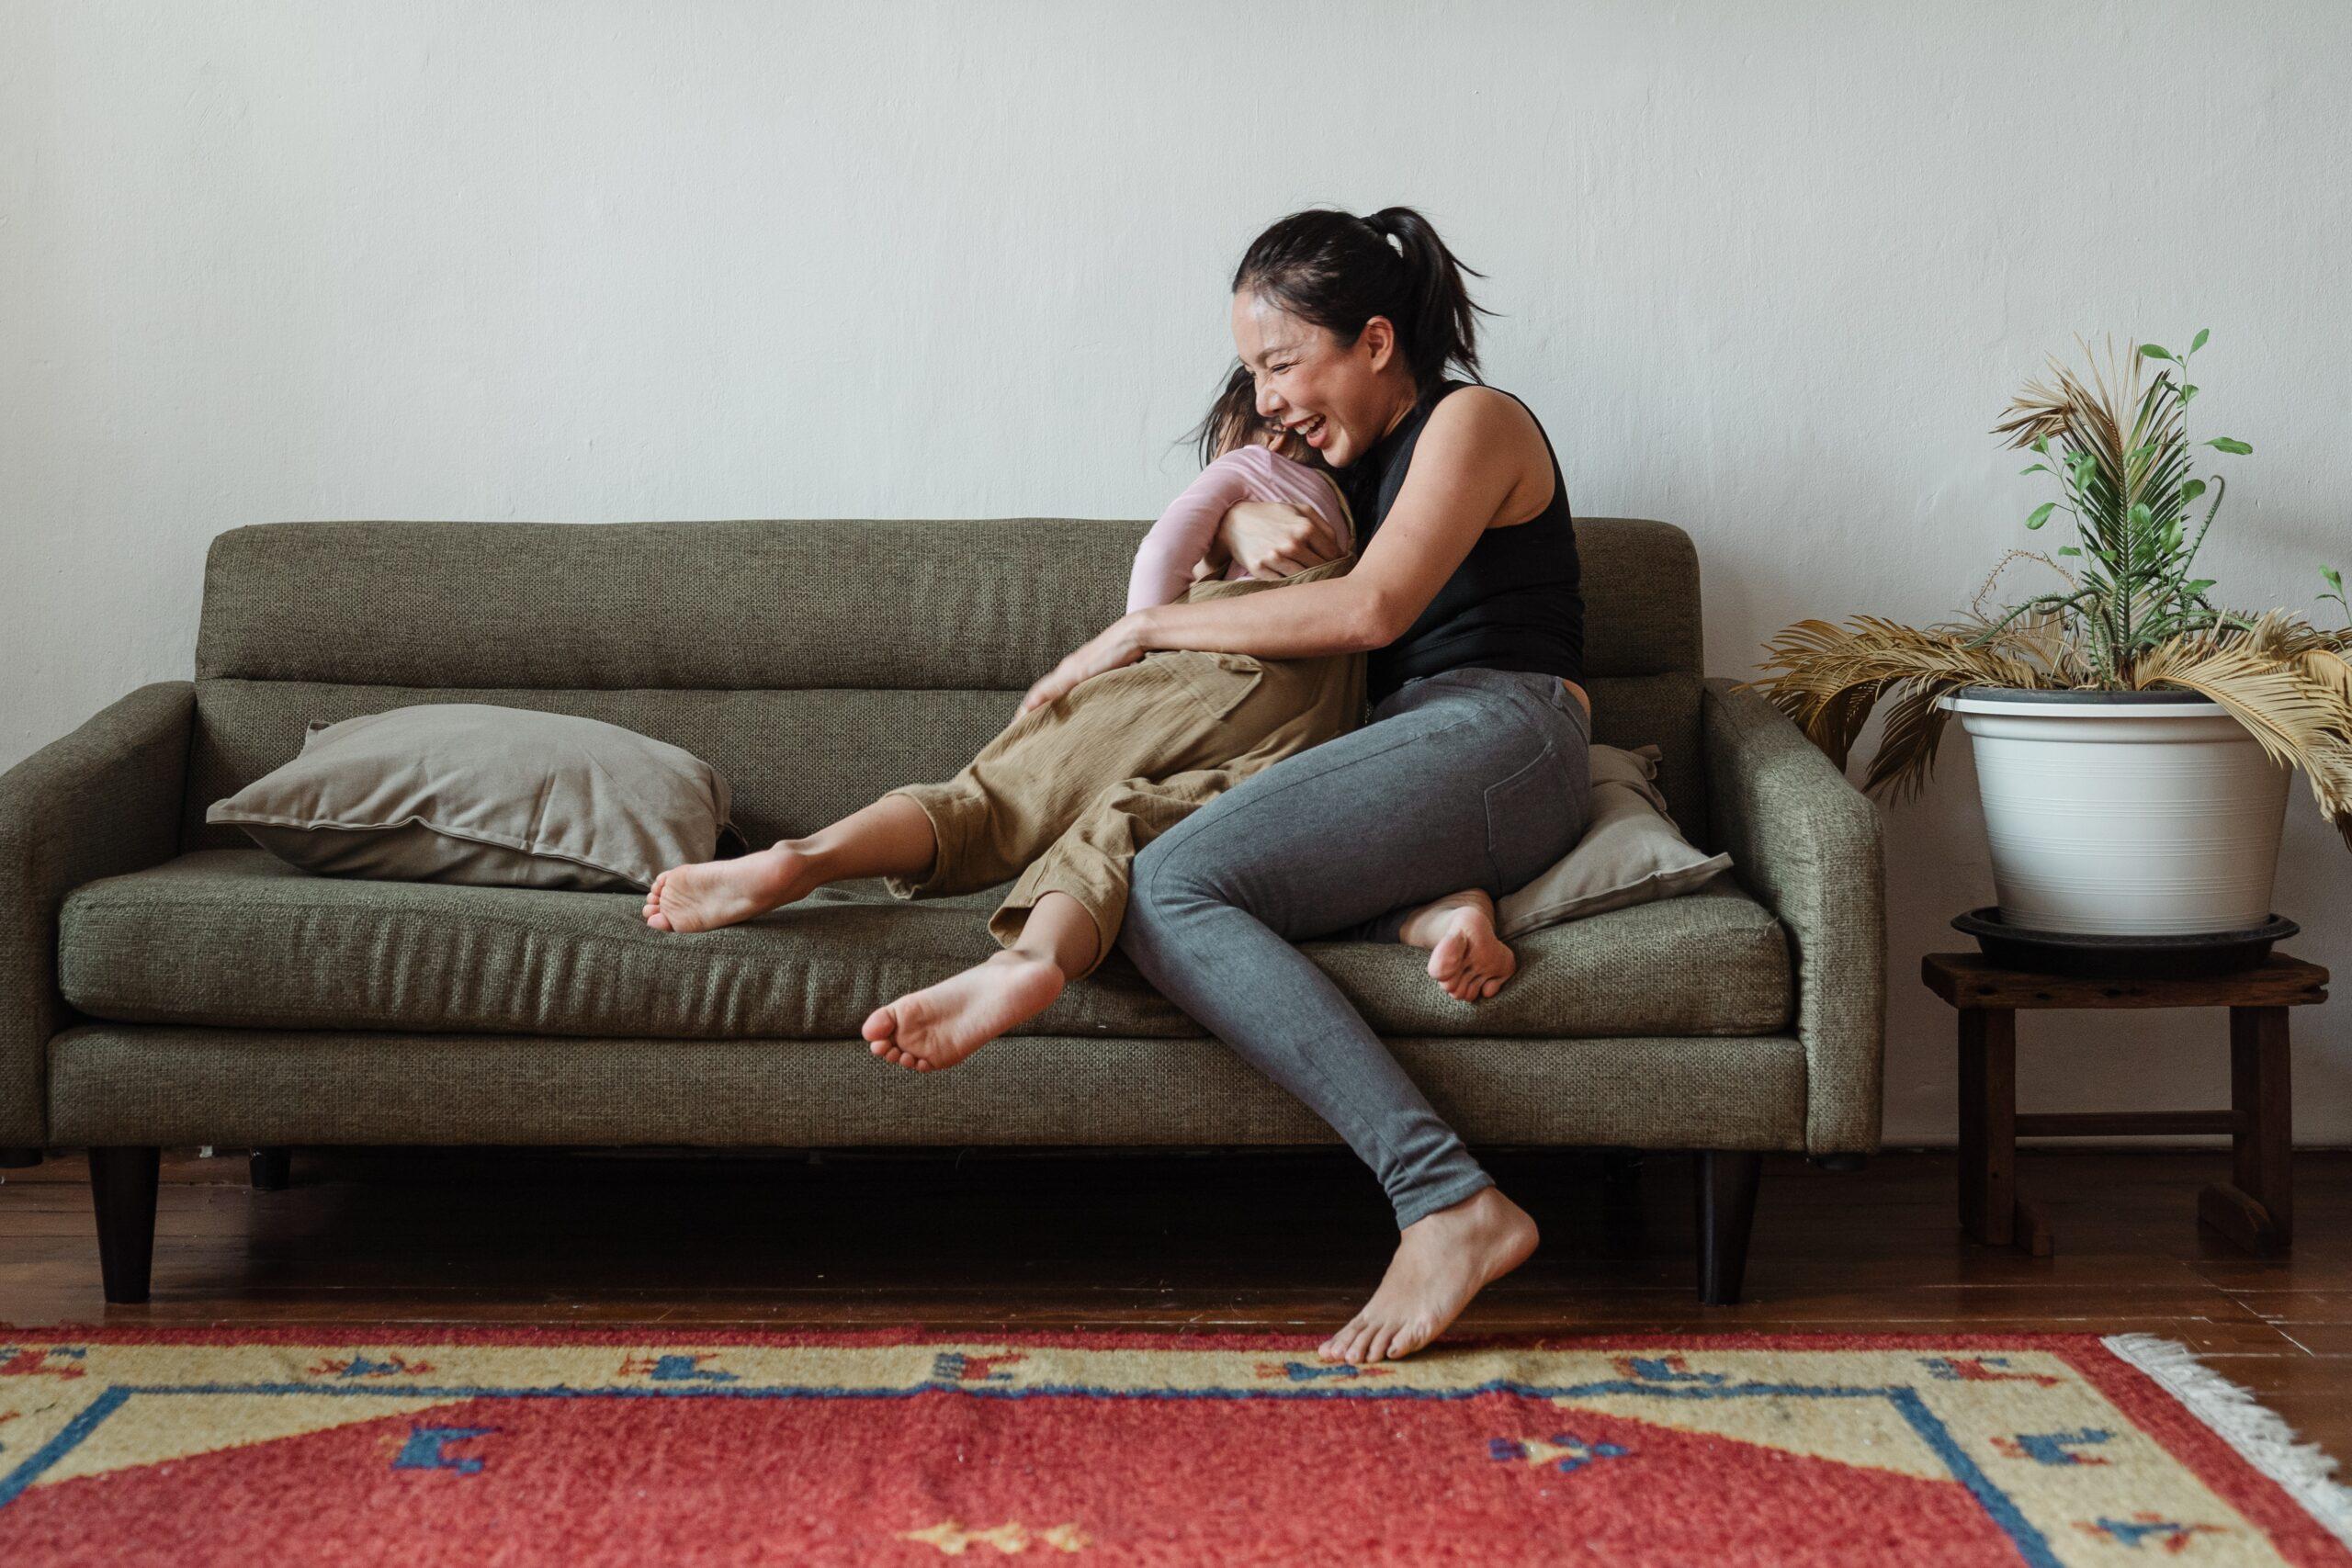 Das Bild Frau mit Kind steht dafür, dass wir auch mit Kindern als Mütter unsere Ziele verfolgen können.